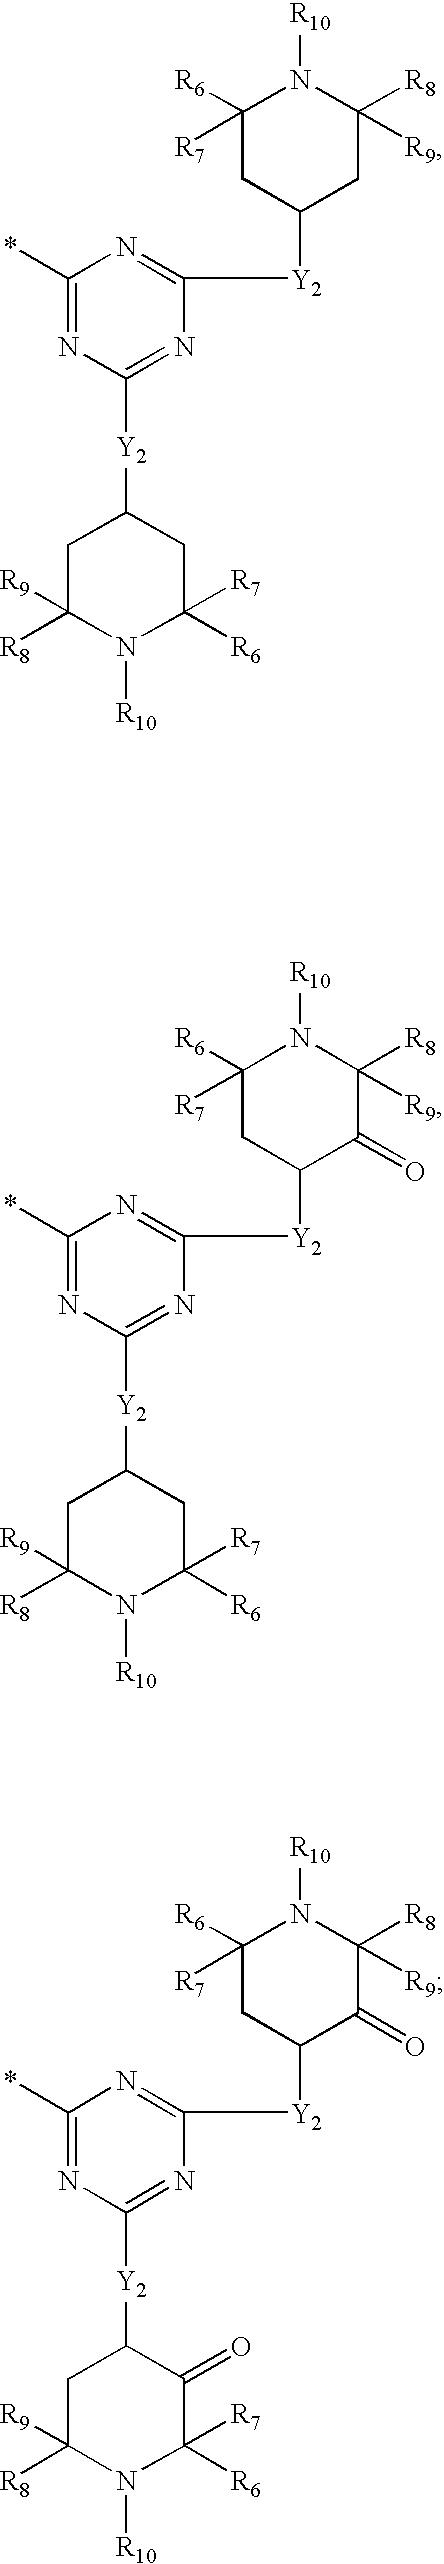 Figure US20040180994A1-20040916-C00054